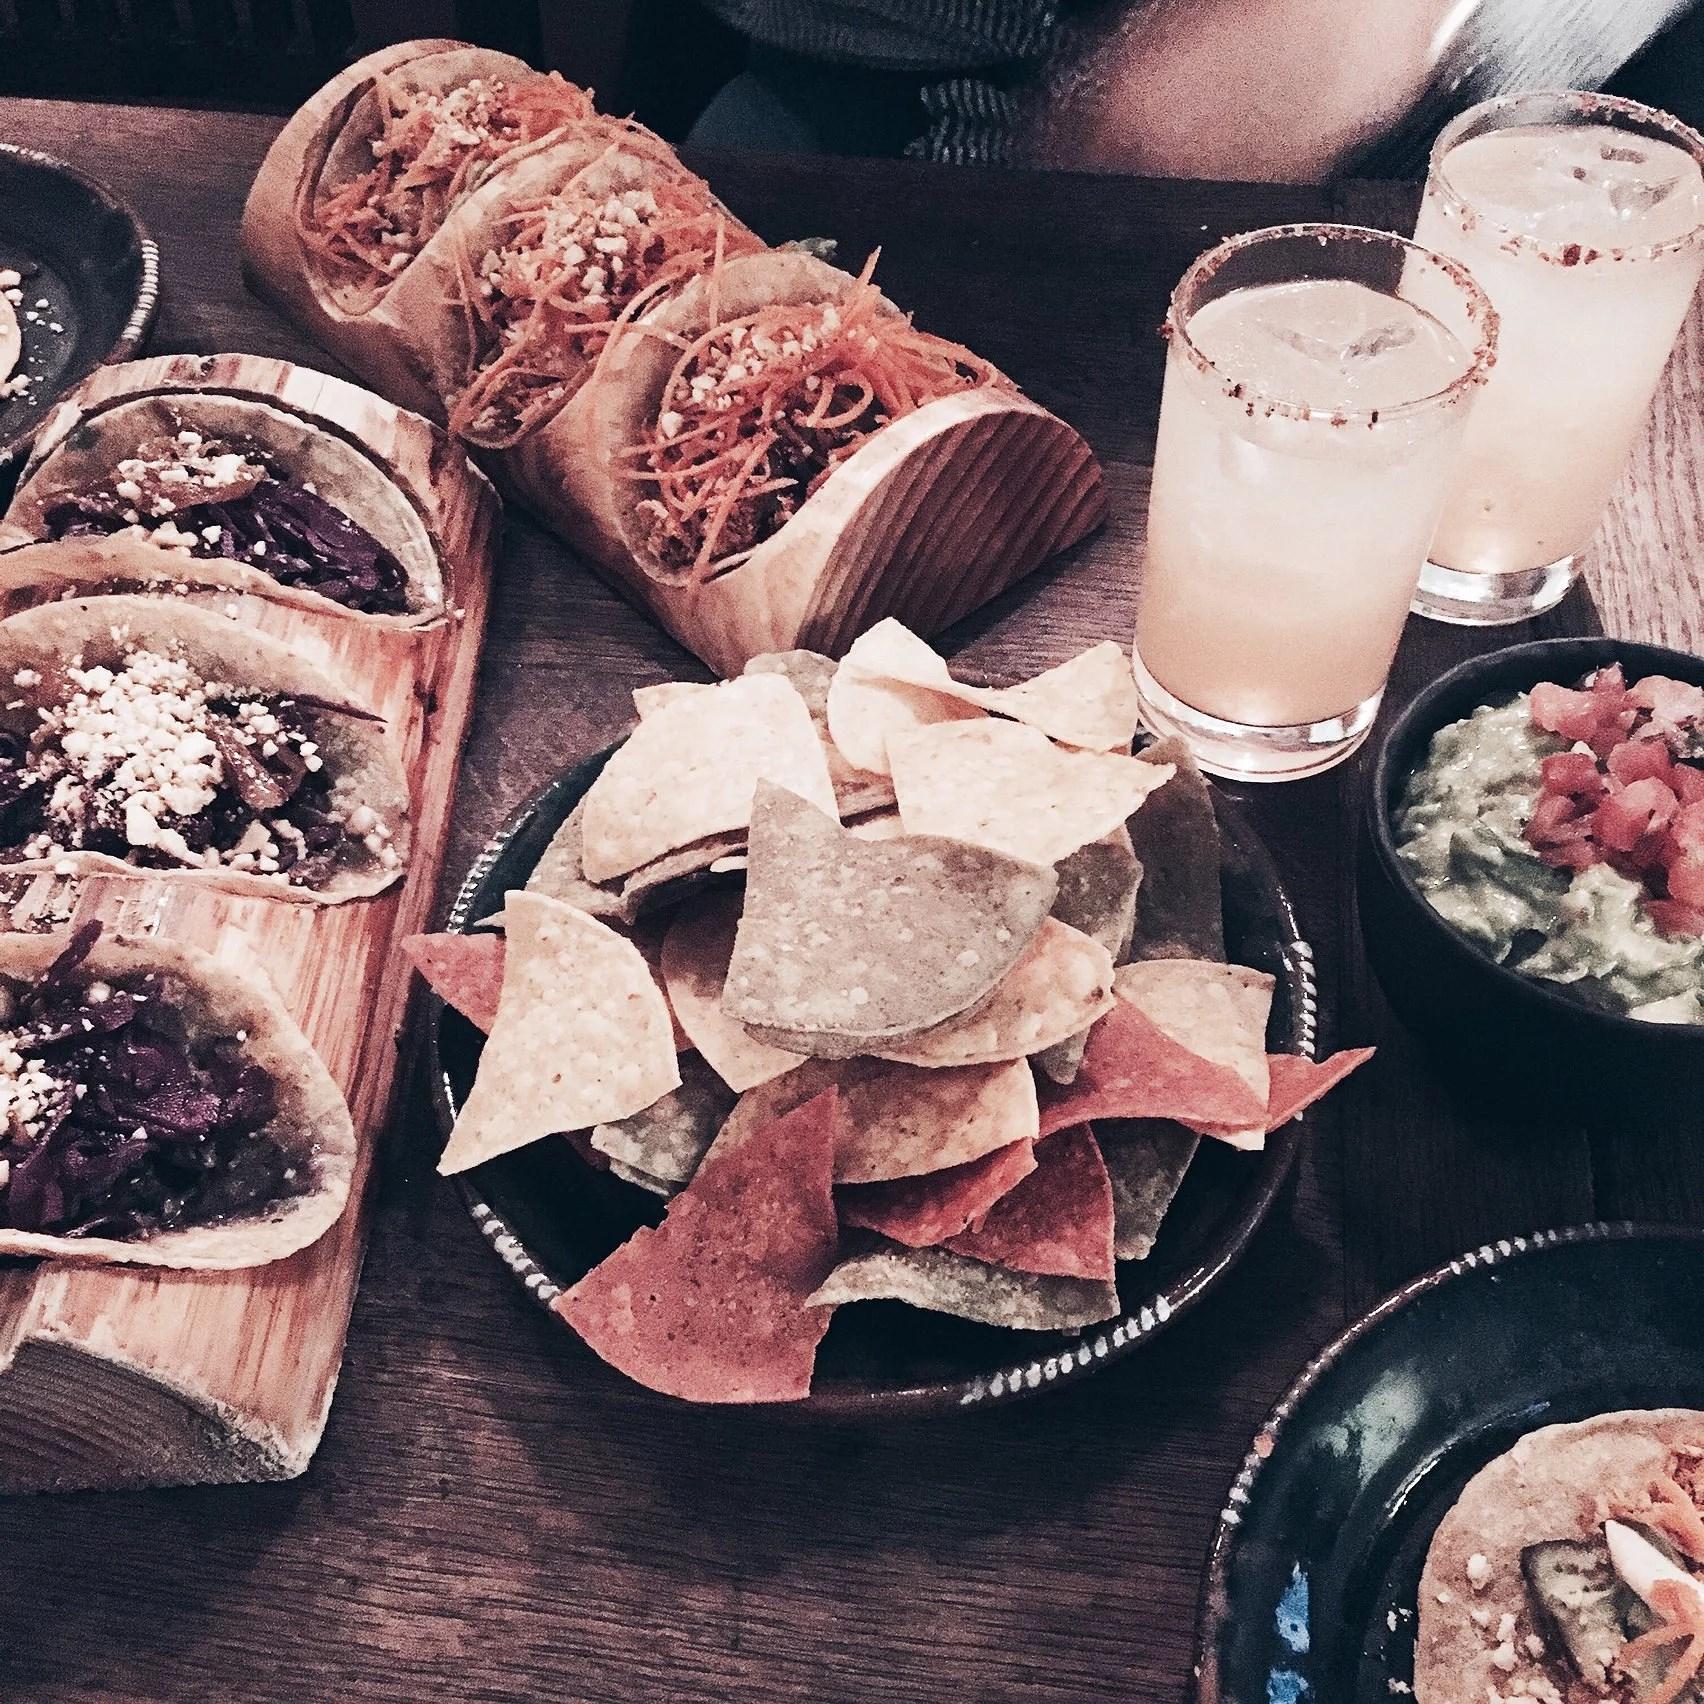 Dinner & Drinks Date